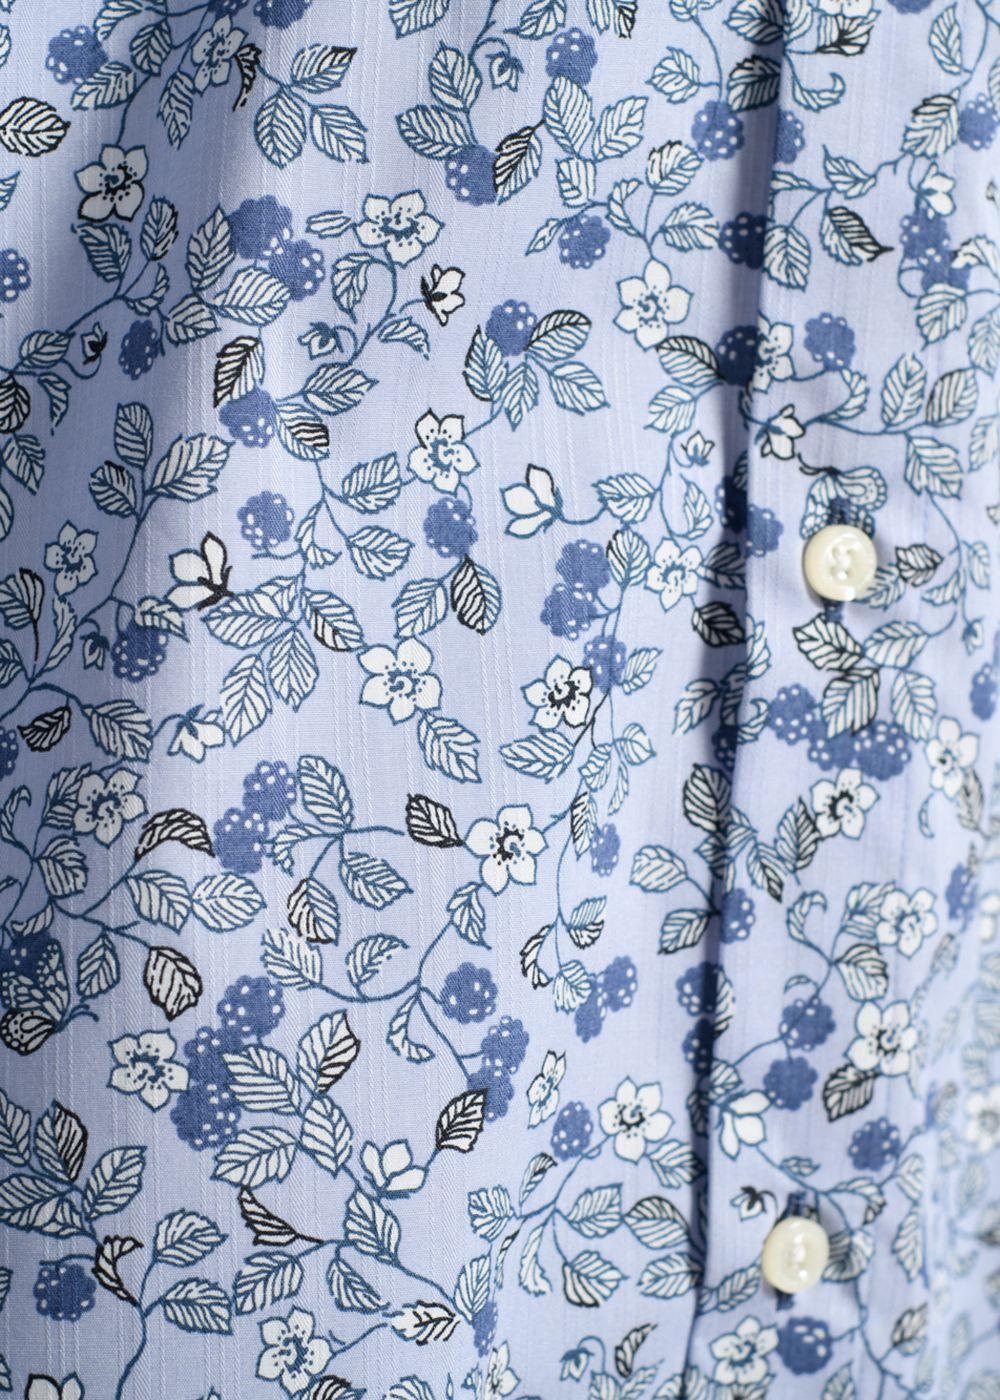 かりゆしウェア(沖縄版アロハシャツ) MAJUN - キイチゴマダラ